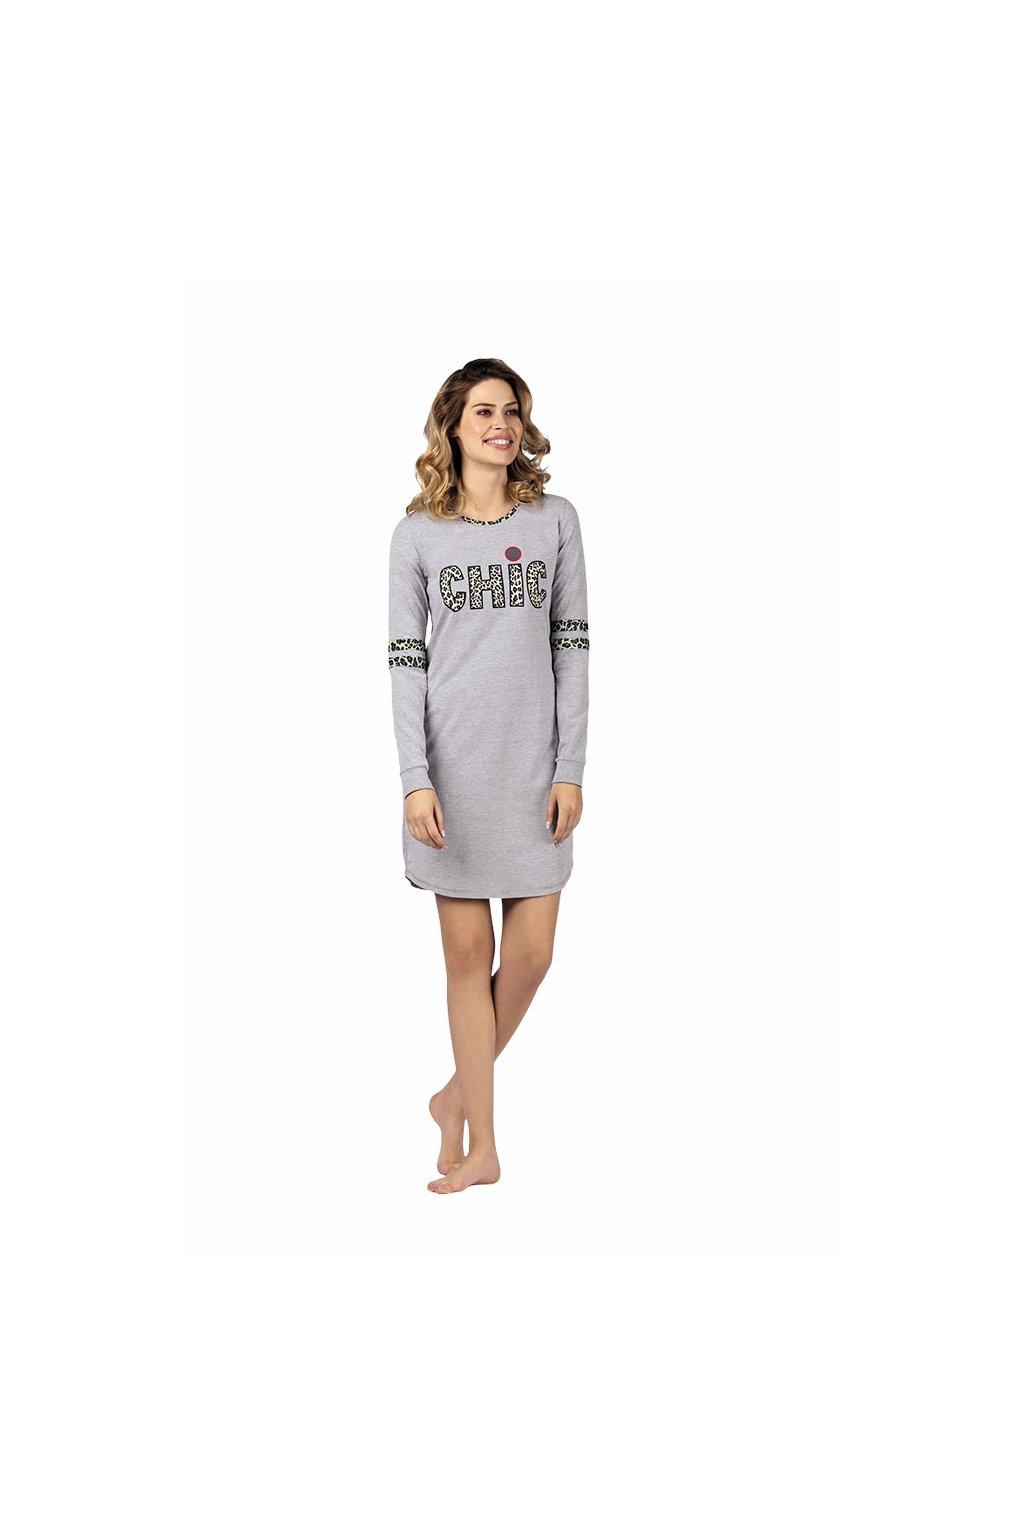 Dámská noční košile s dlouhým rukávem, 104425 30, šedá